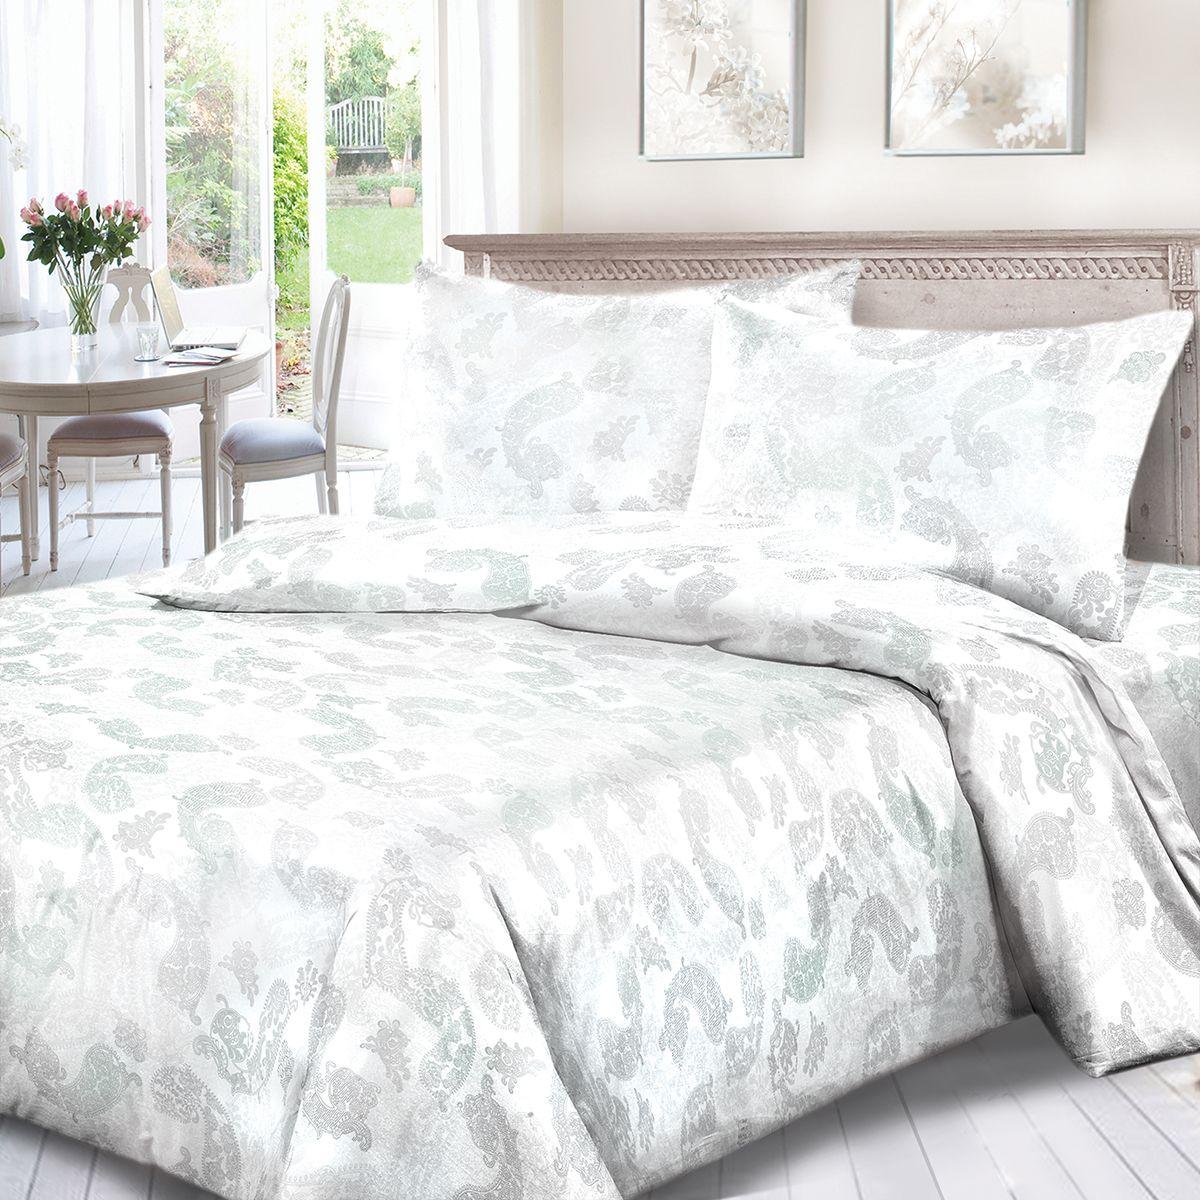 Комплект белья Сорренто Жаккард, семейный, наволочки 70x70, цвет: белый. 3558-180287